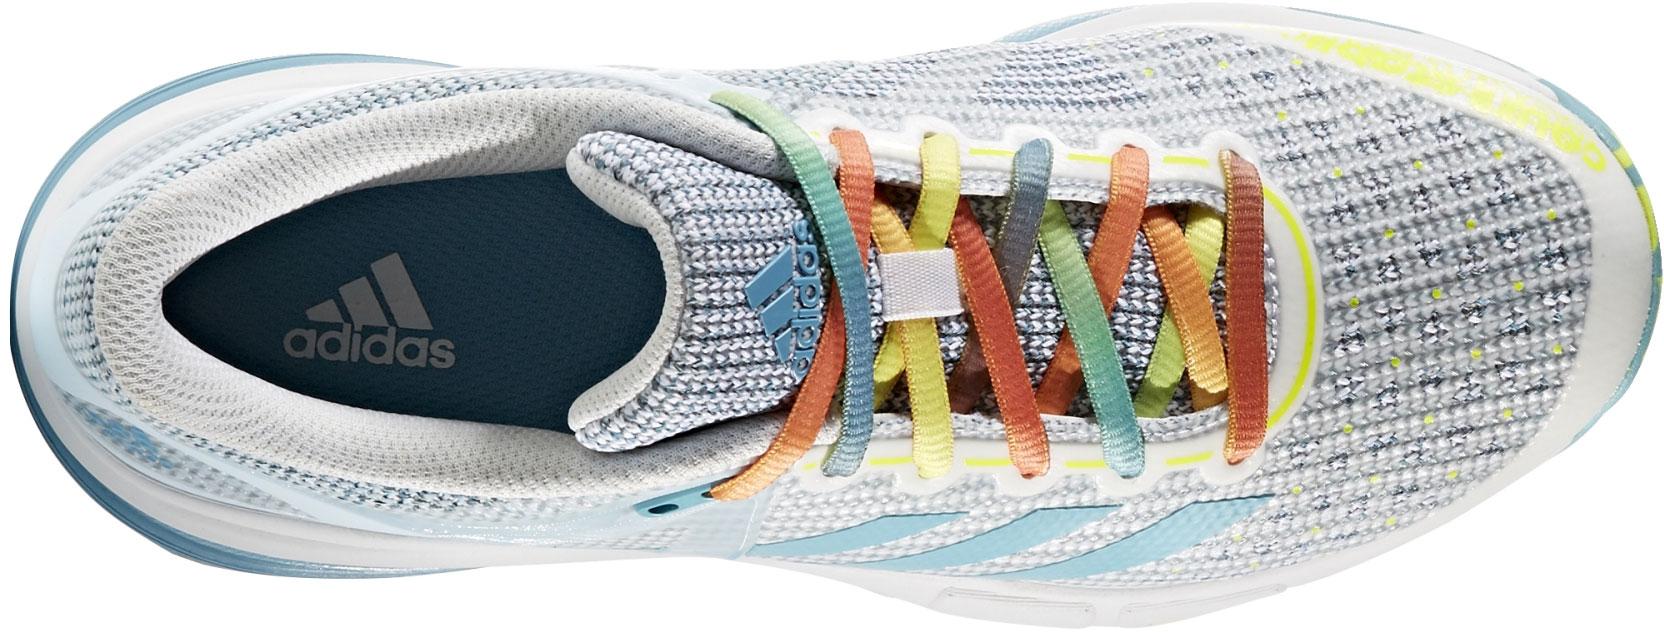 Women S Court Shoes